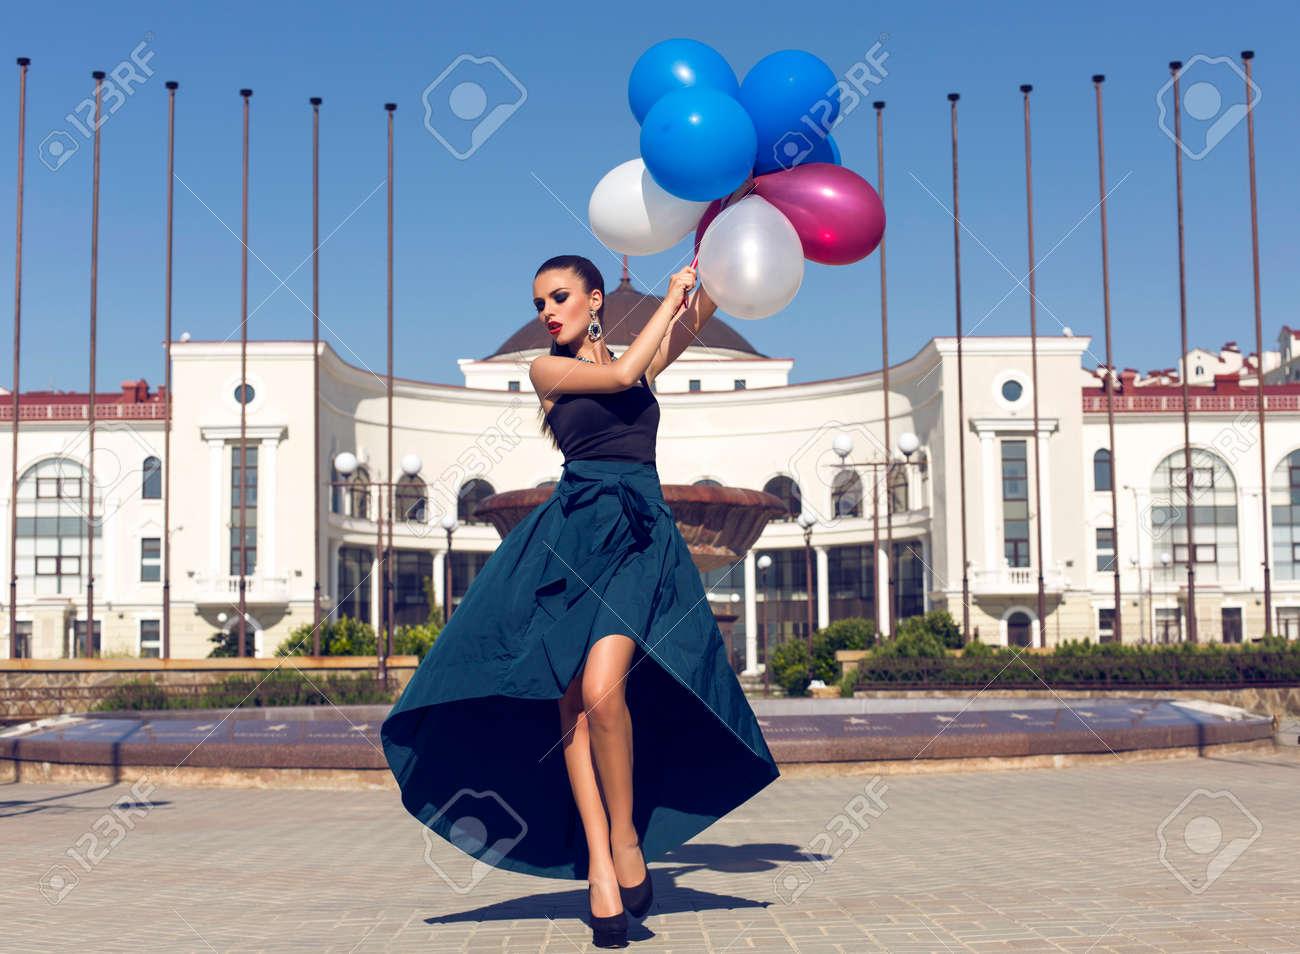 fd719b31e1 Foto de archivo - Retrato de moda de mujer joven y glamour en el vestir  elegante y bijou celebración de globos de colores